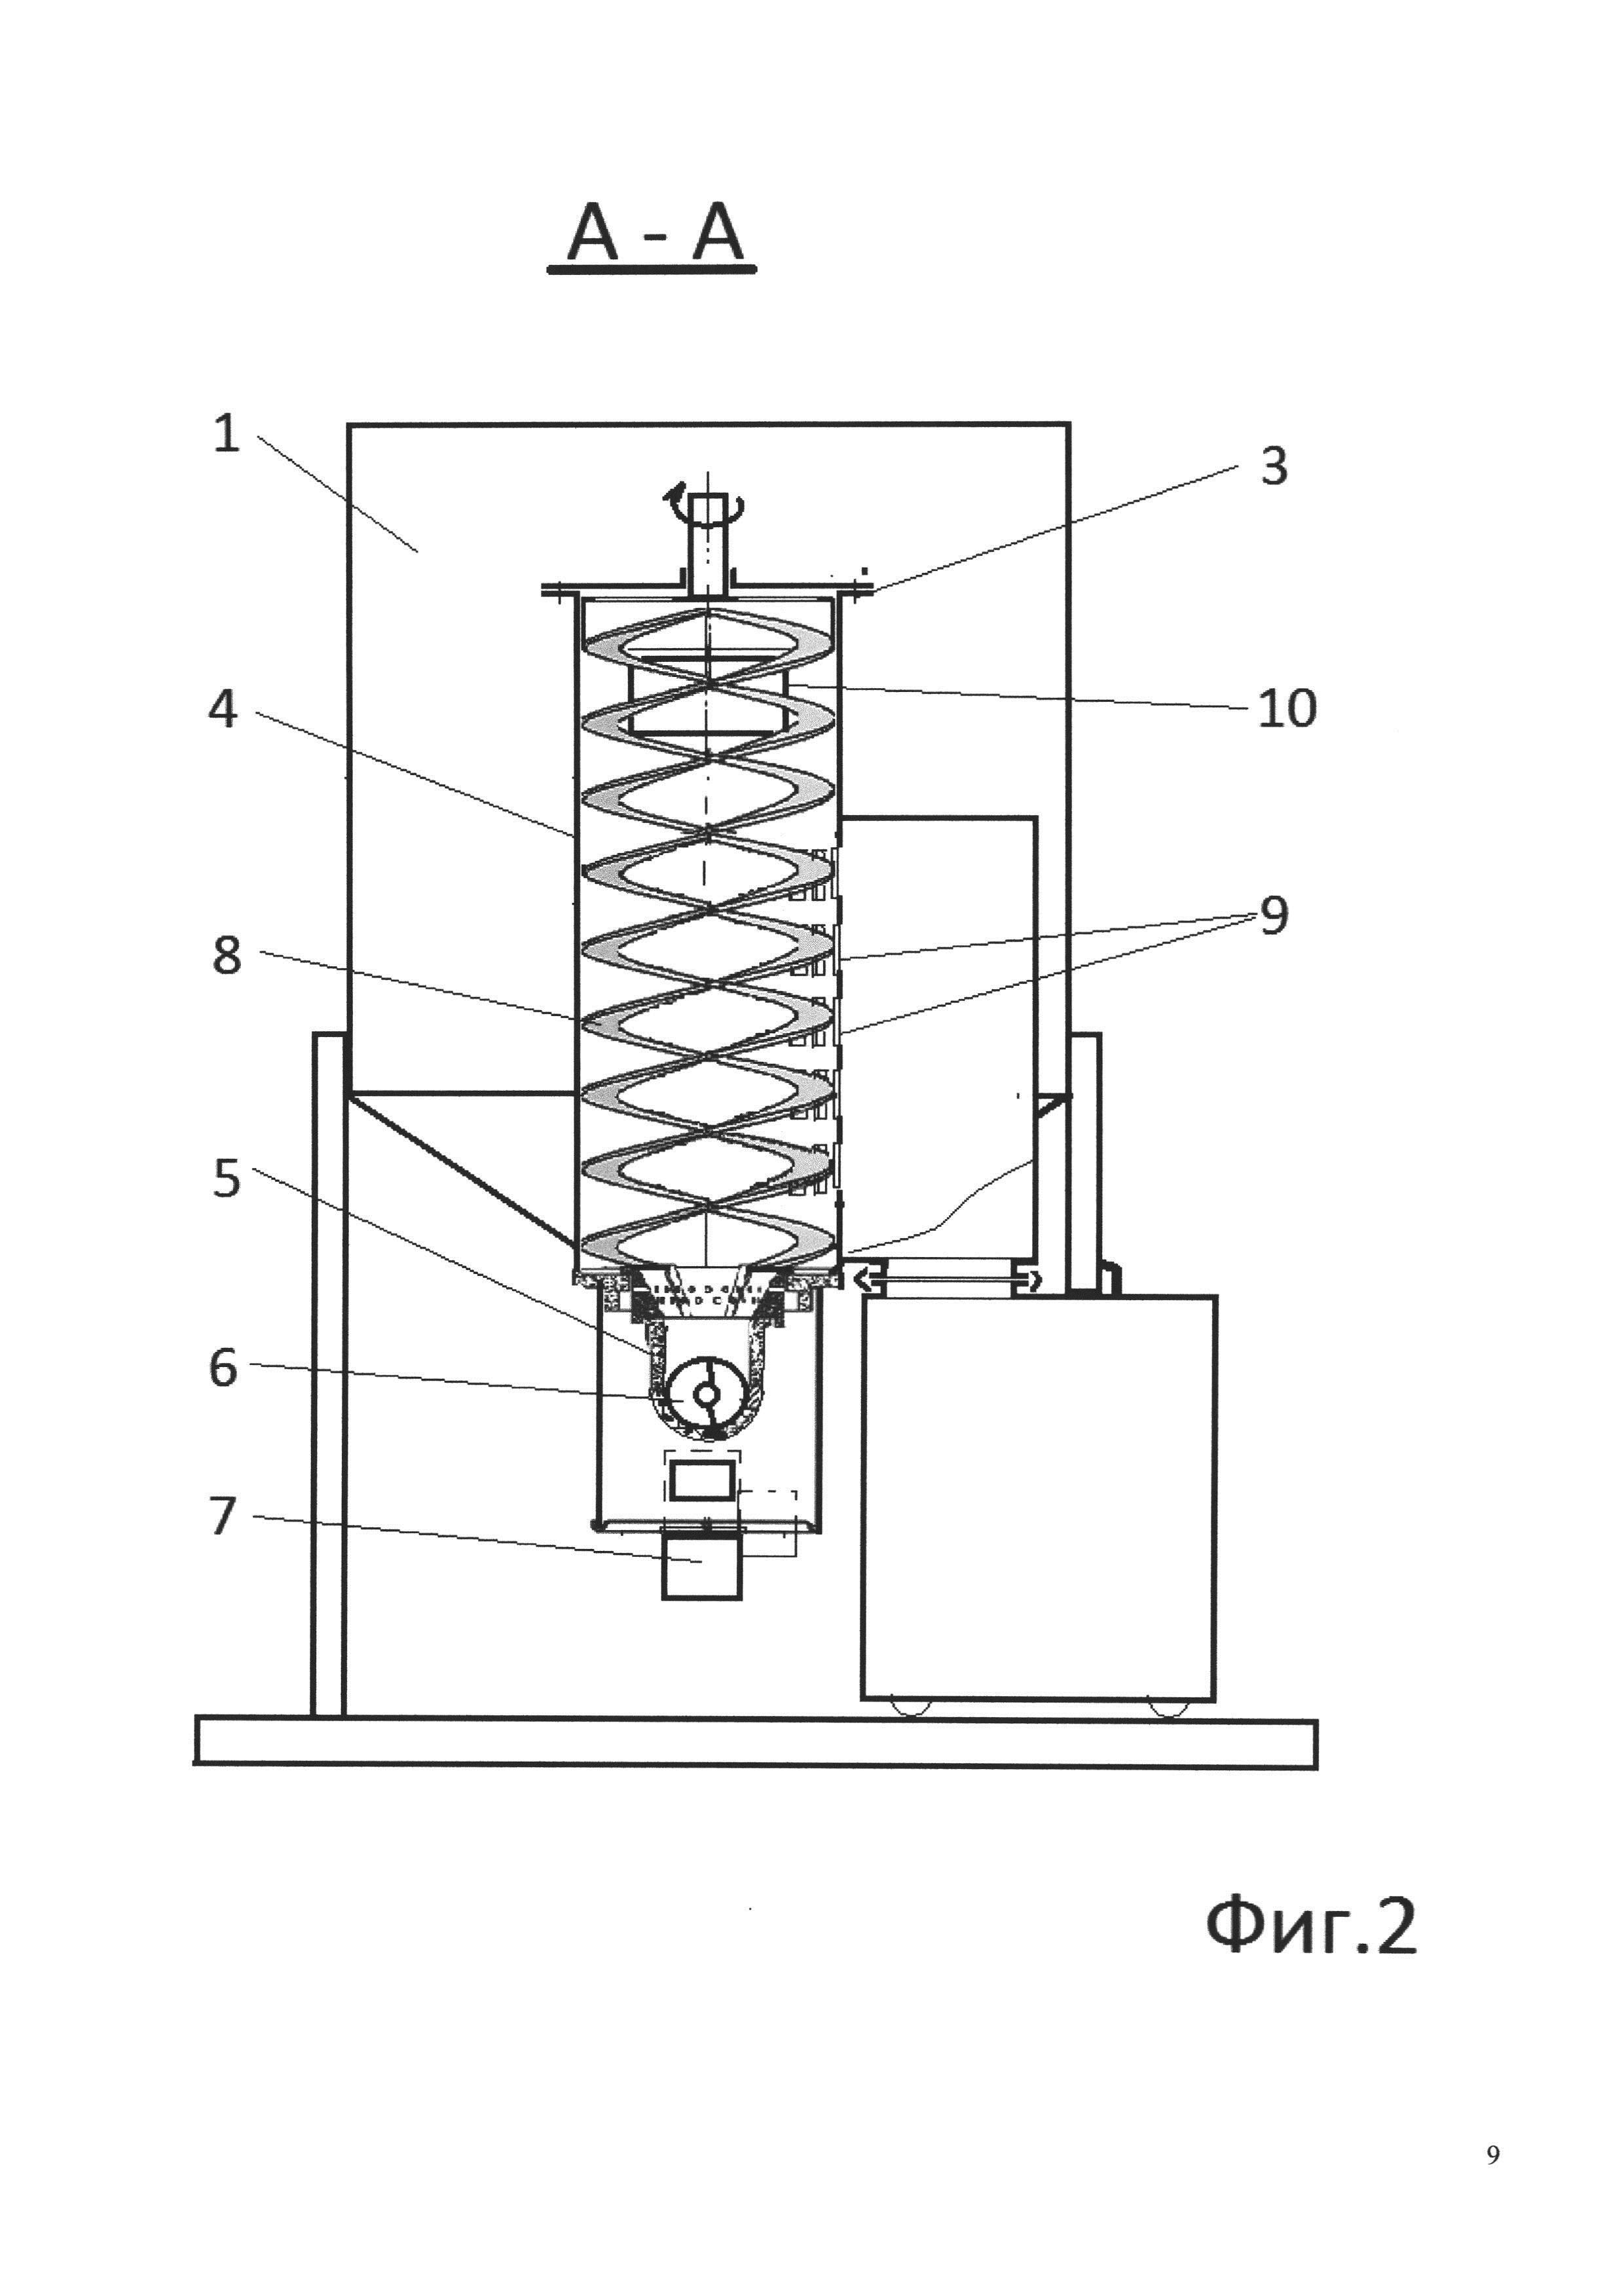 Способ газификации твердых видов топлива в газогенераторе и устройство реактора для осуществления способа